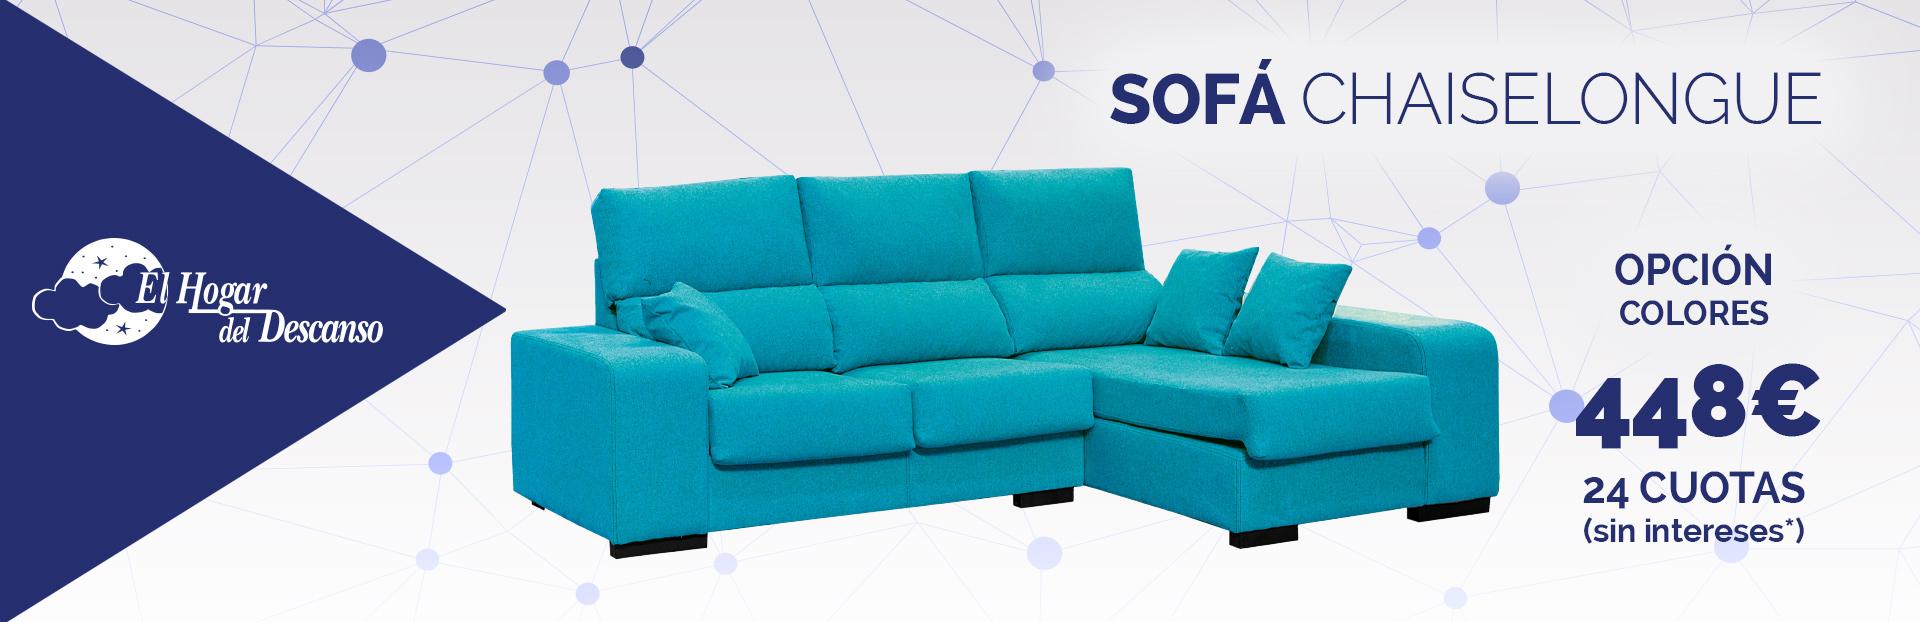 El color del sof chaiselongue almer a sof s almer a for Chaise longue azul turquesa